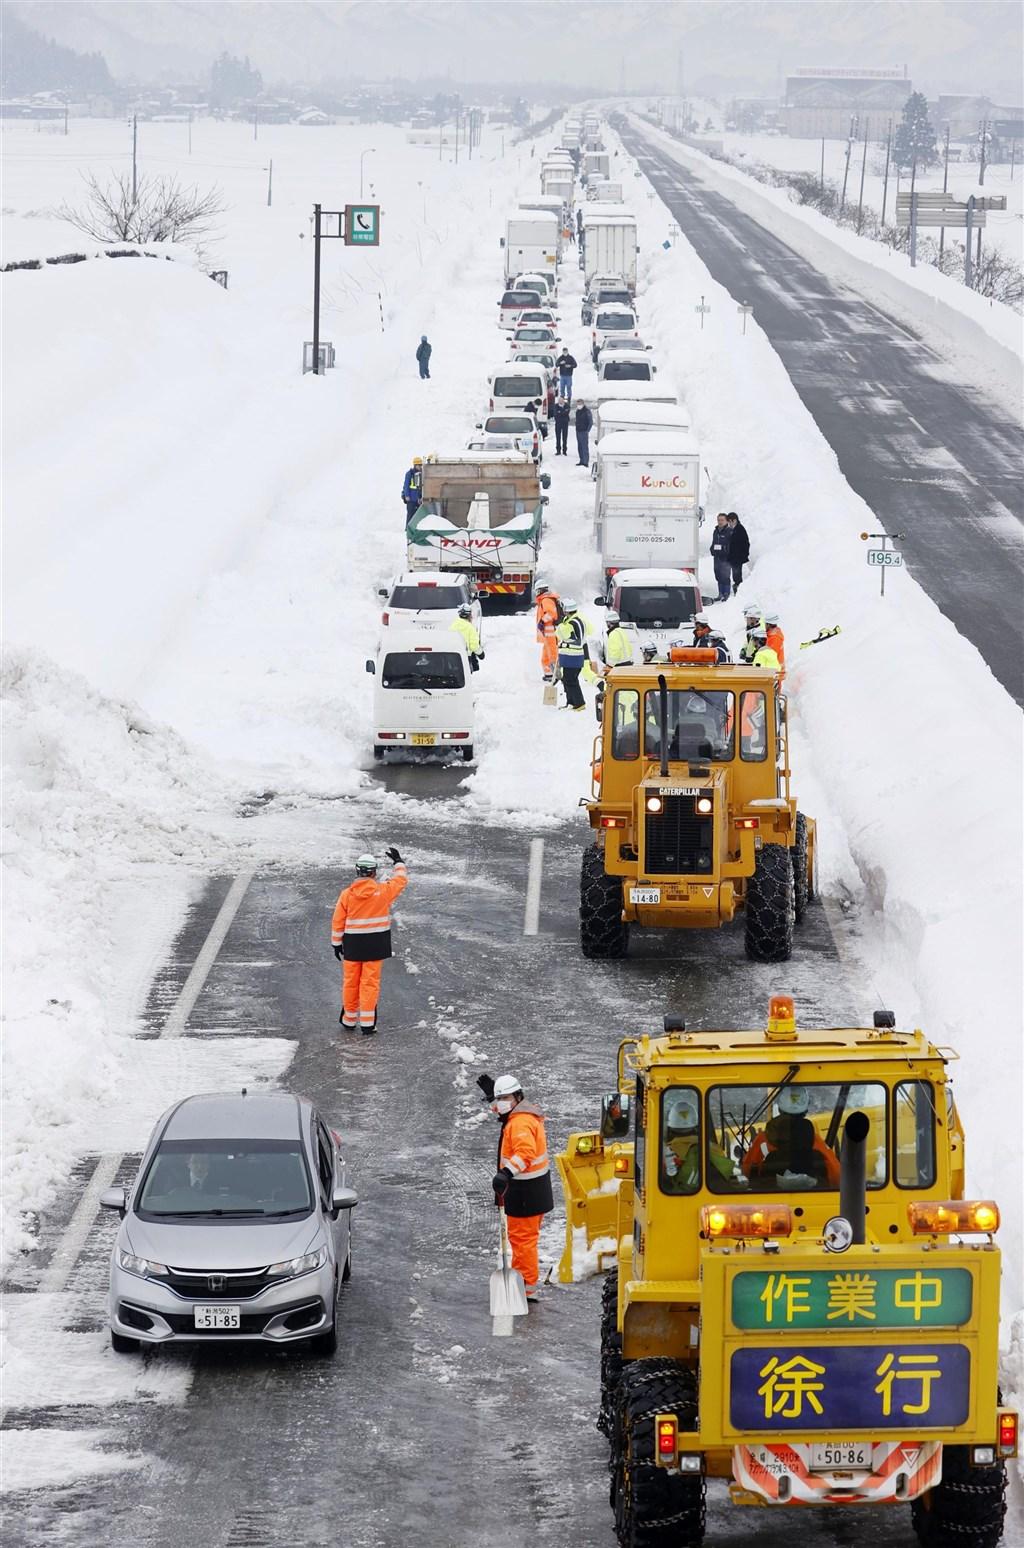 過去幾天一度有約2100輛汽車受困的日本關越自動車道,相關單位協助除雪讓所有車輛脫困後,19日已重新開放部分路段通行。(共同社)